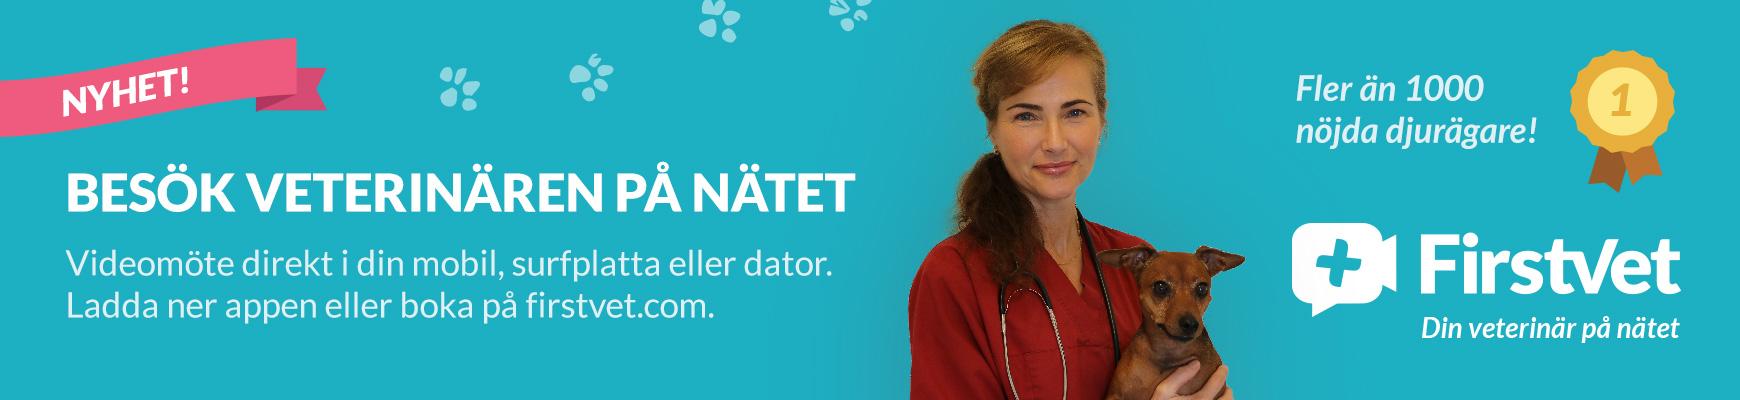 FirstVet - Din veterinär på nätet